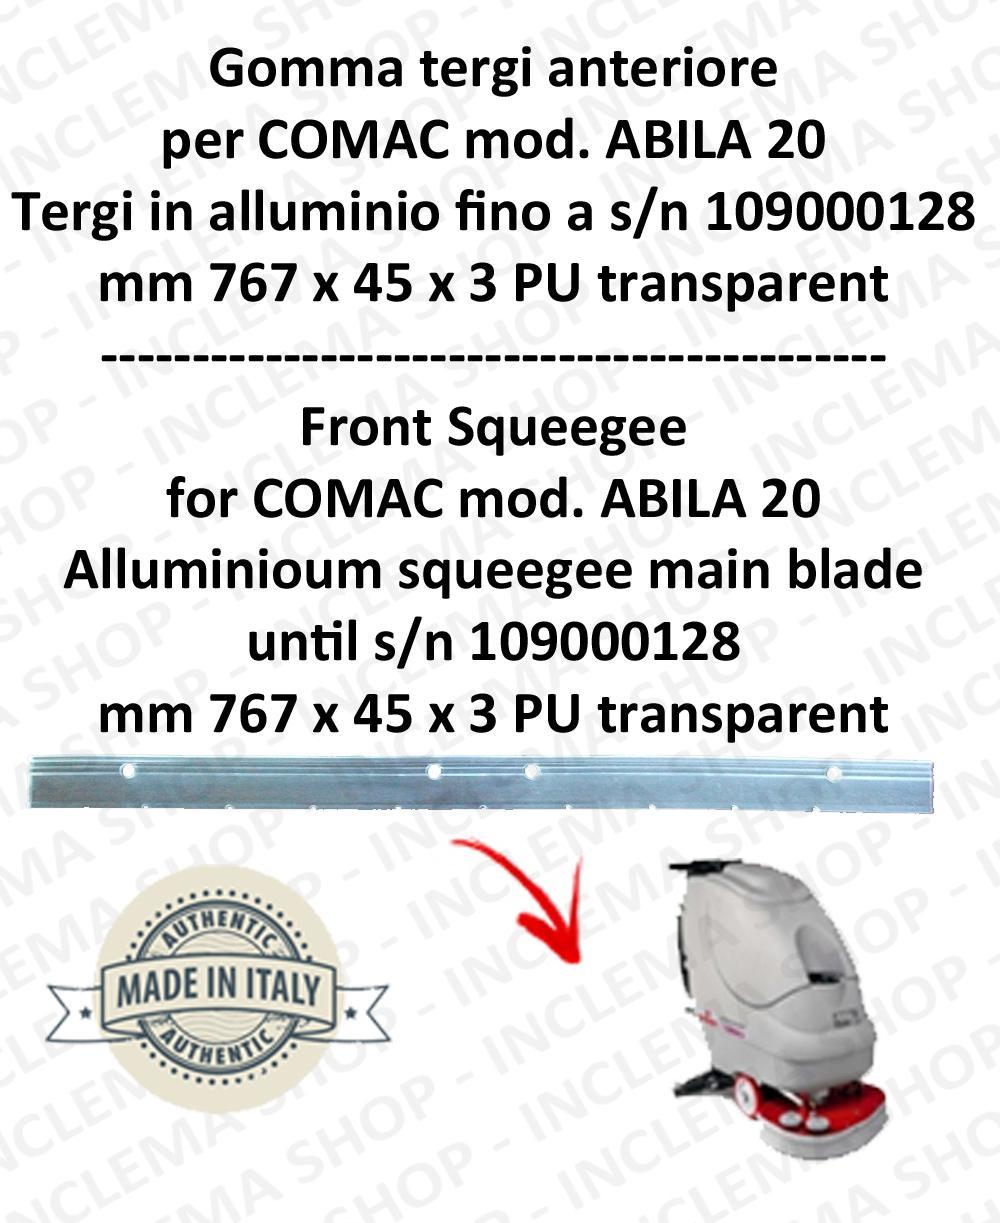 Gomma tergipavimento anteriore per lavapavimenti COMAC ABILA 20 tergi in alluminio fino a s/n 109000128